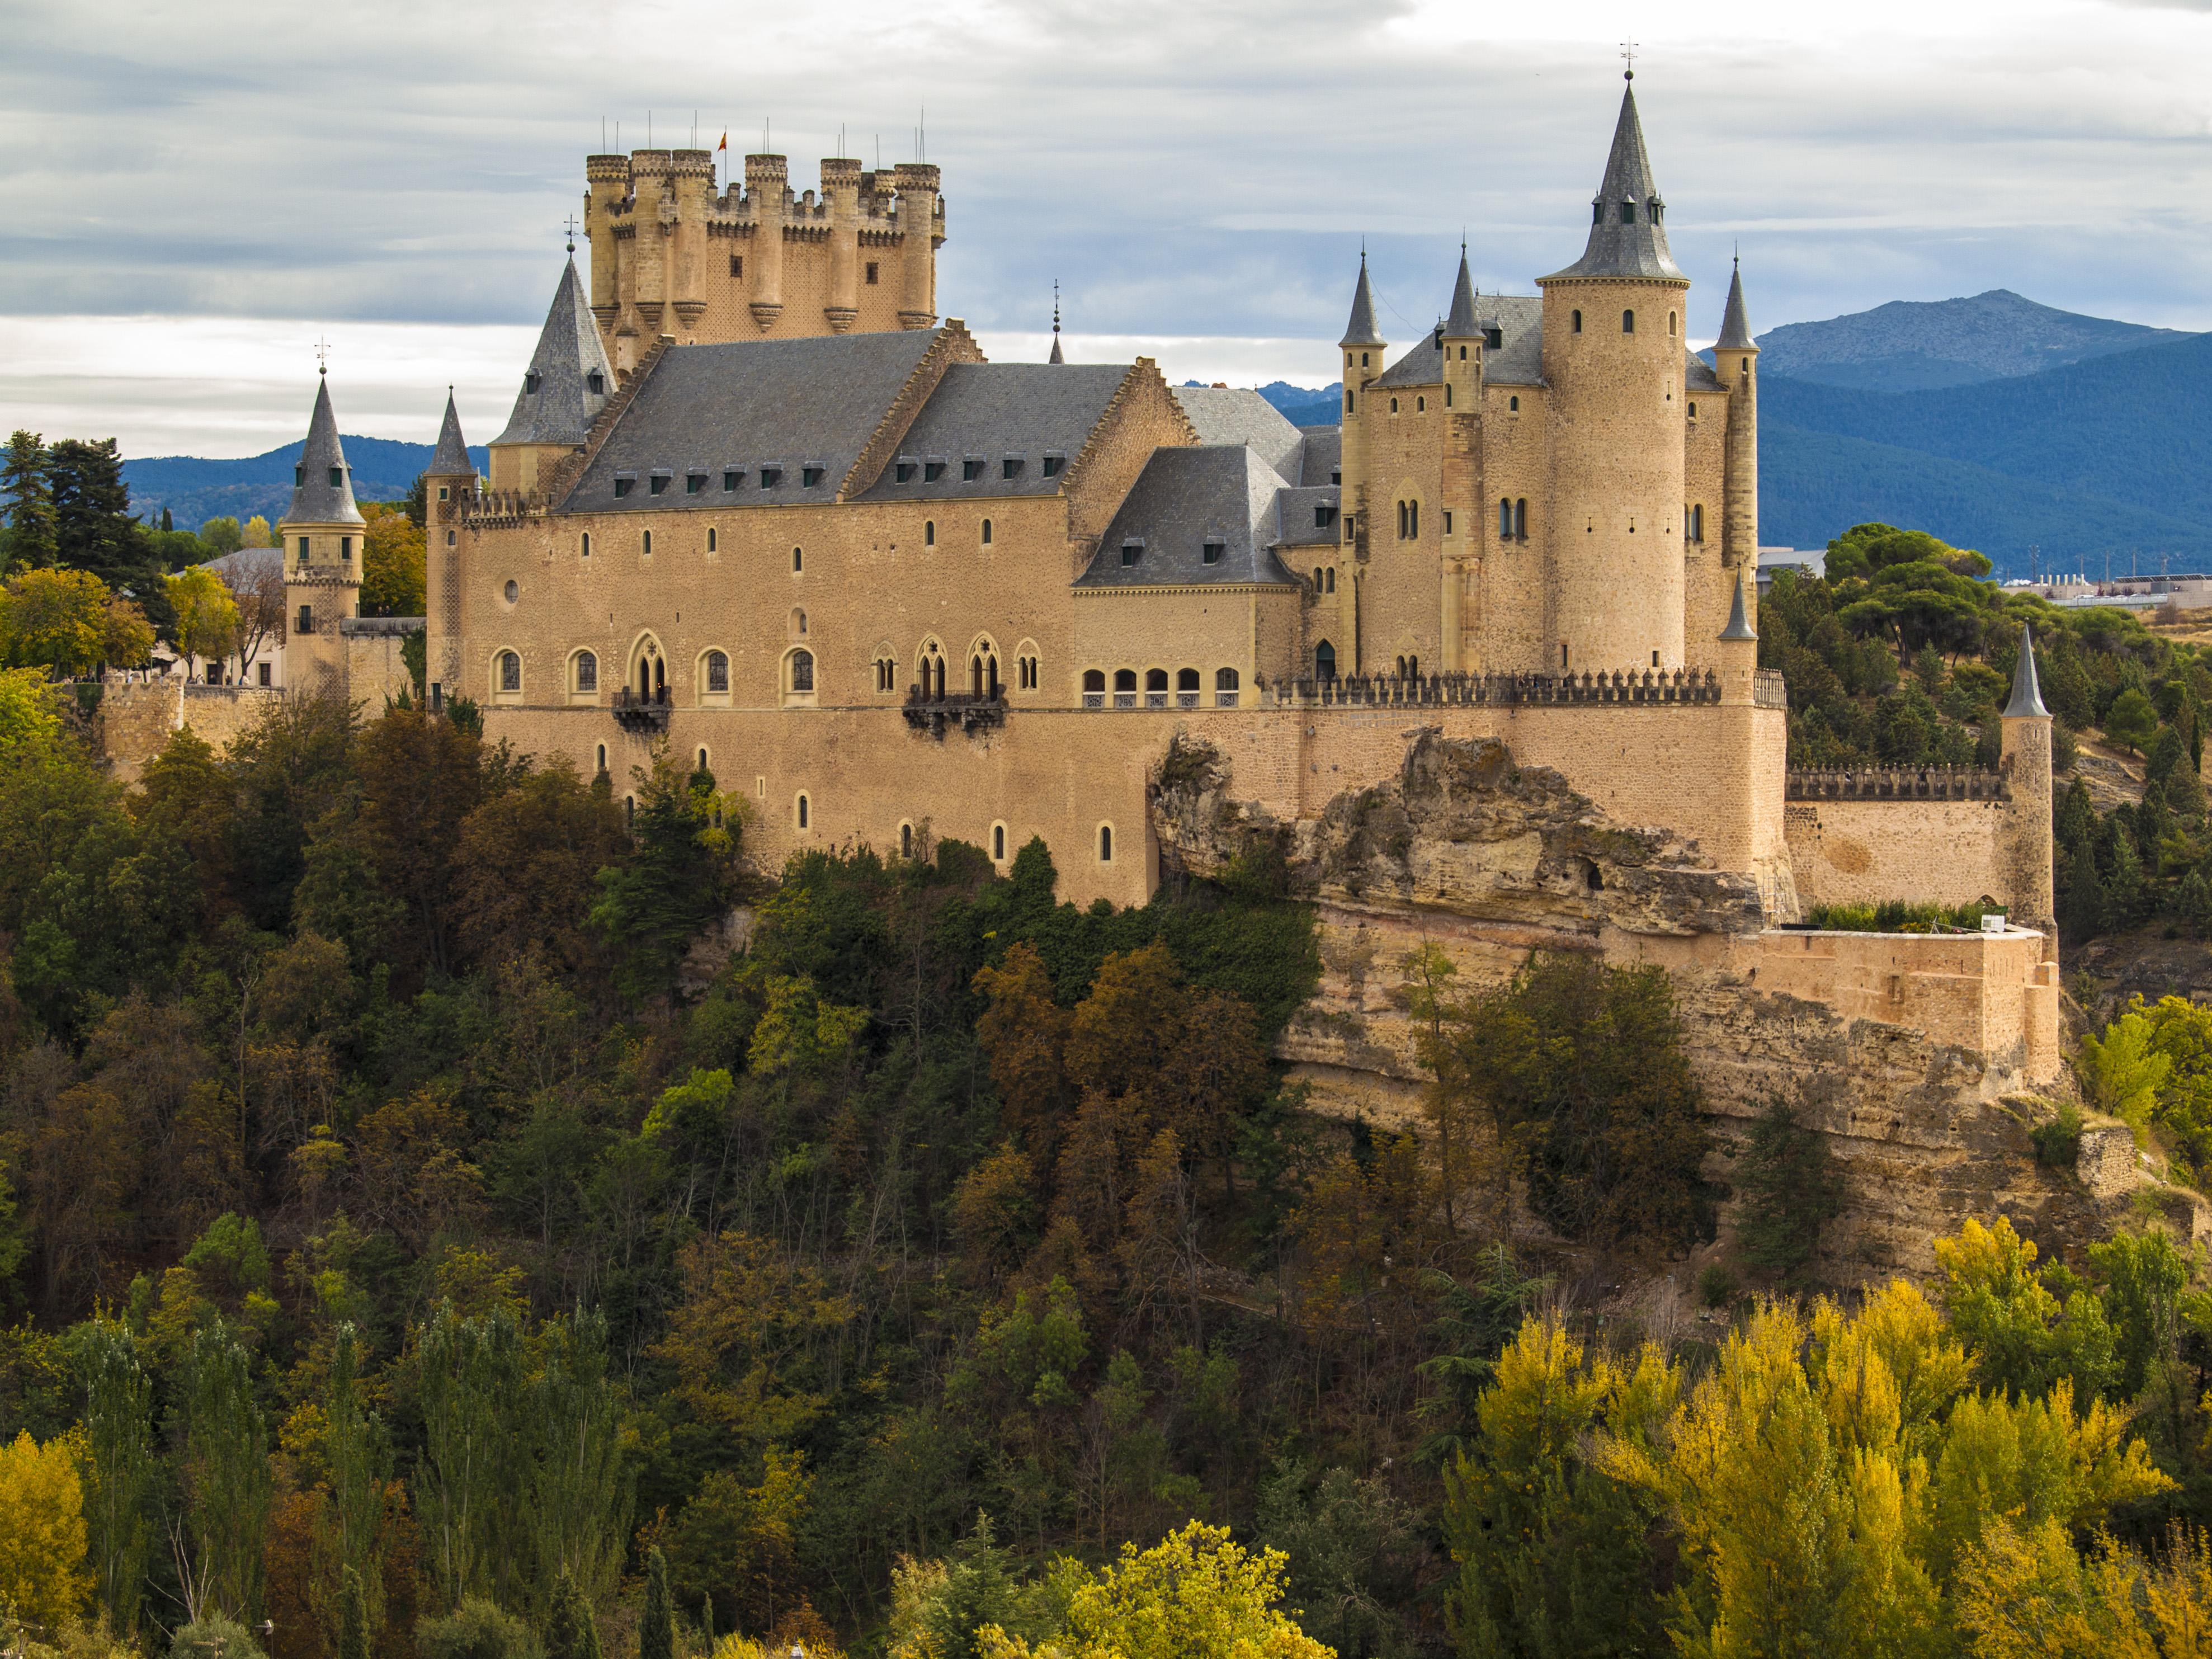 Castle Wikipedia